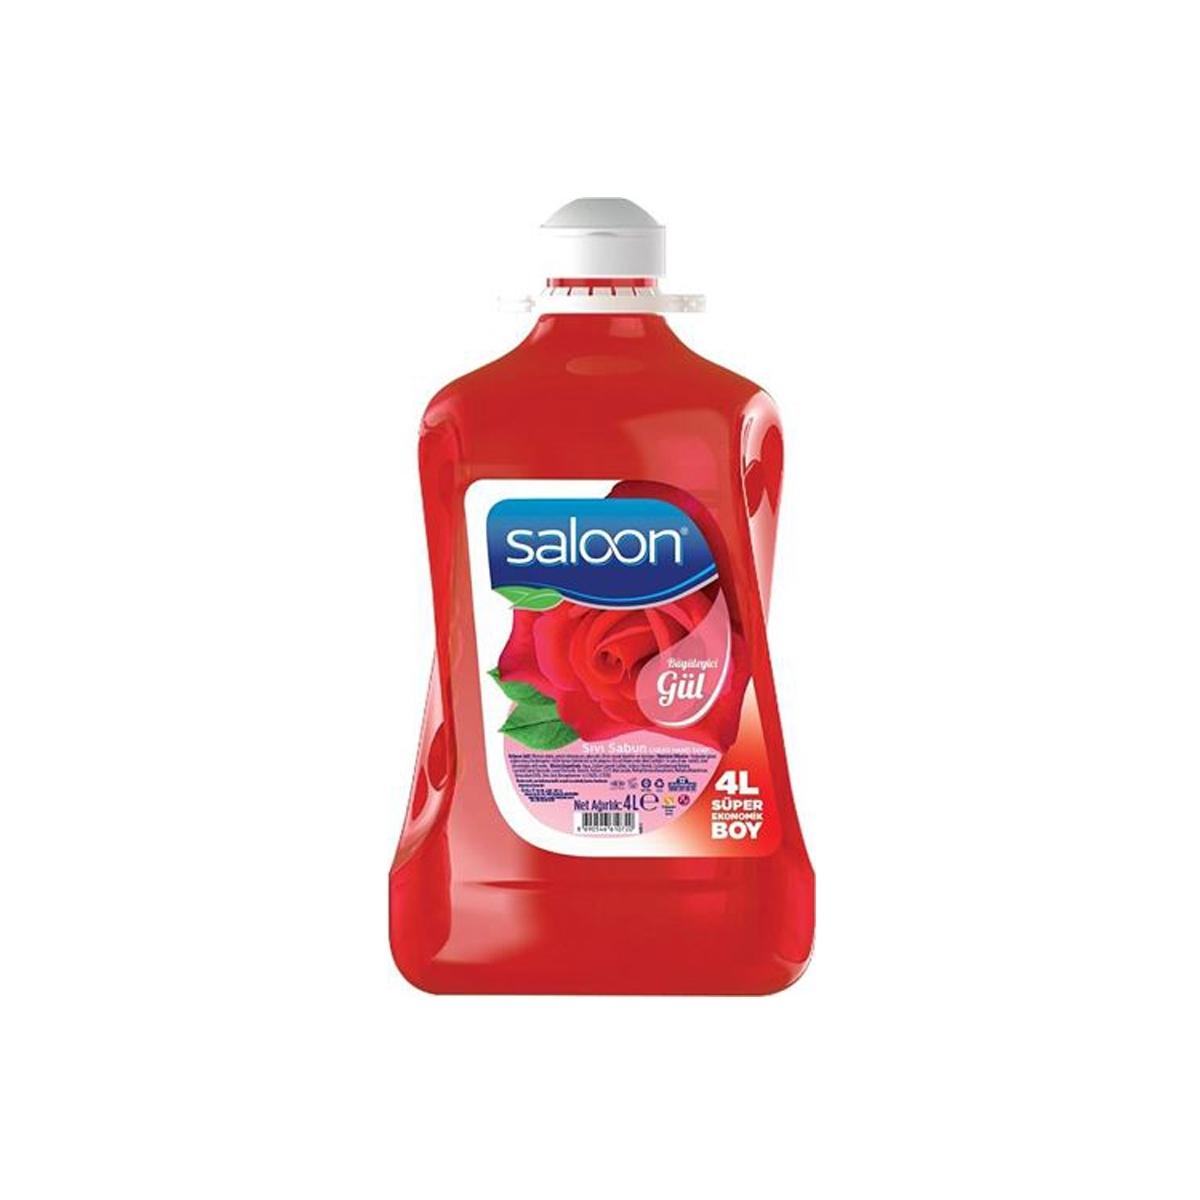 Saloon Sıvı Sabun Gül  3.6lt 4'lü Koli resmi